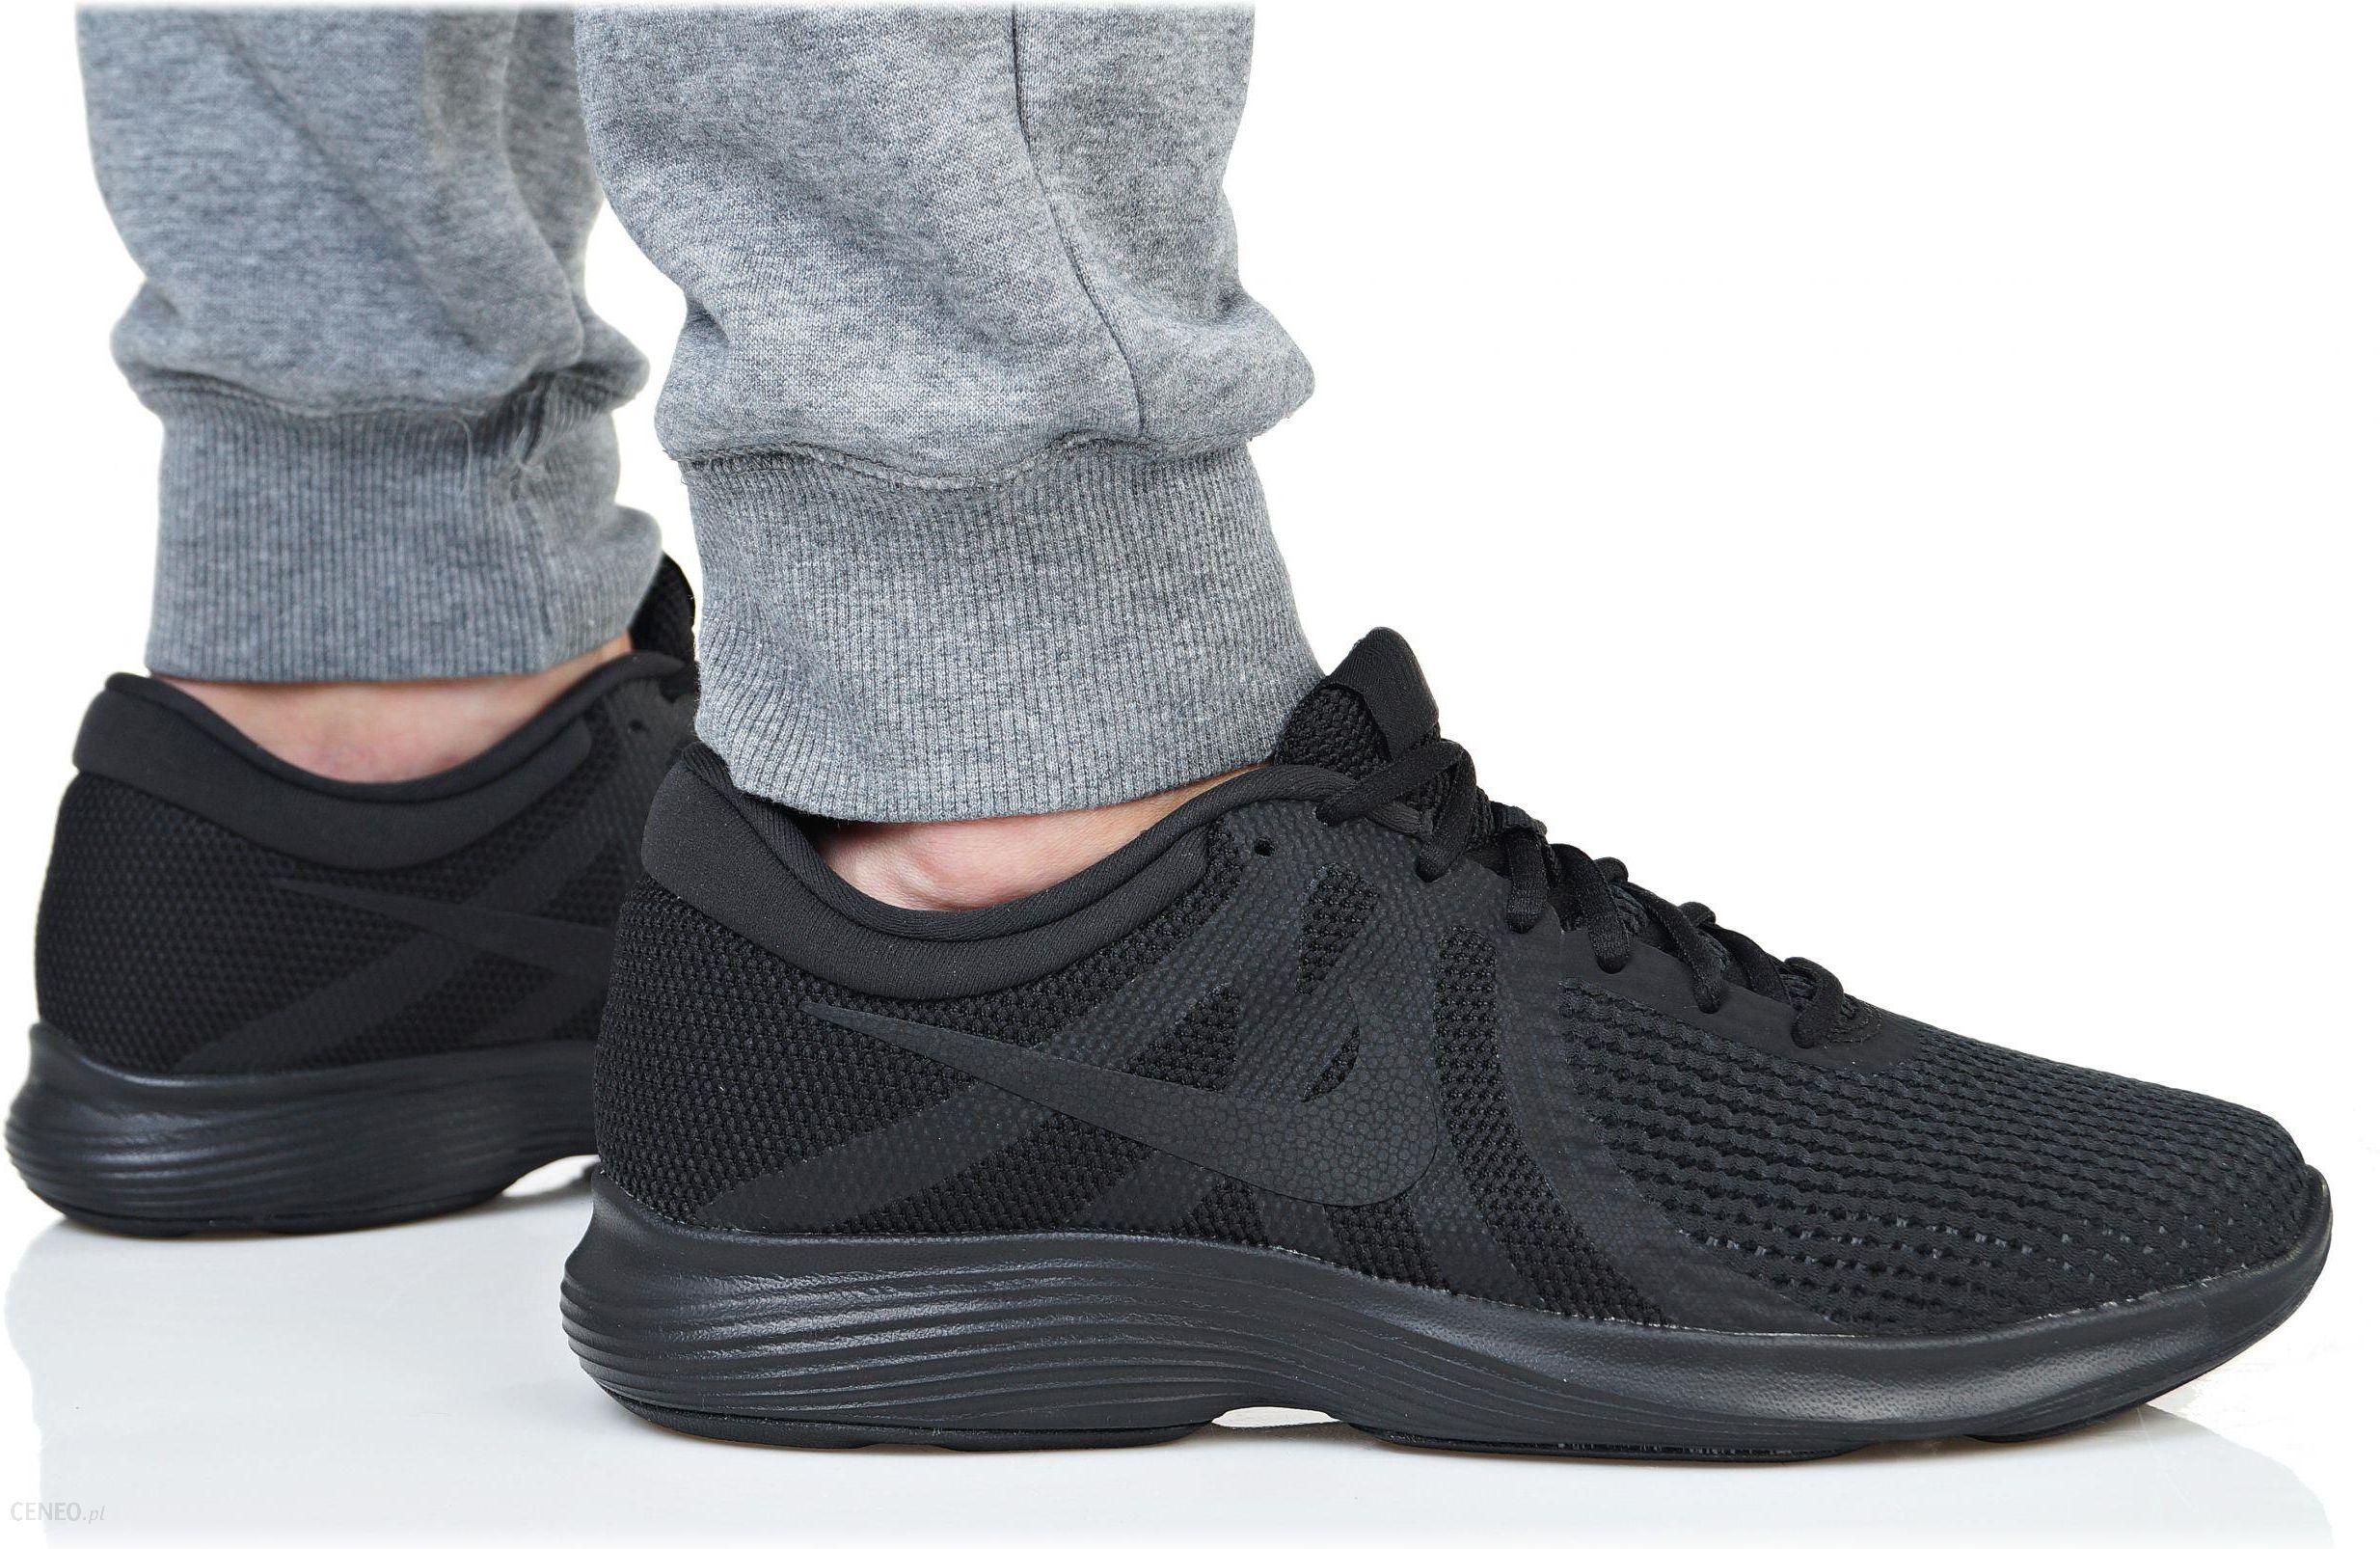 c06c4017c6f95 Buty Nike Męskie Revolution 4 Eu AJ3490-002 Czarne - Ceny i opinie ...